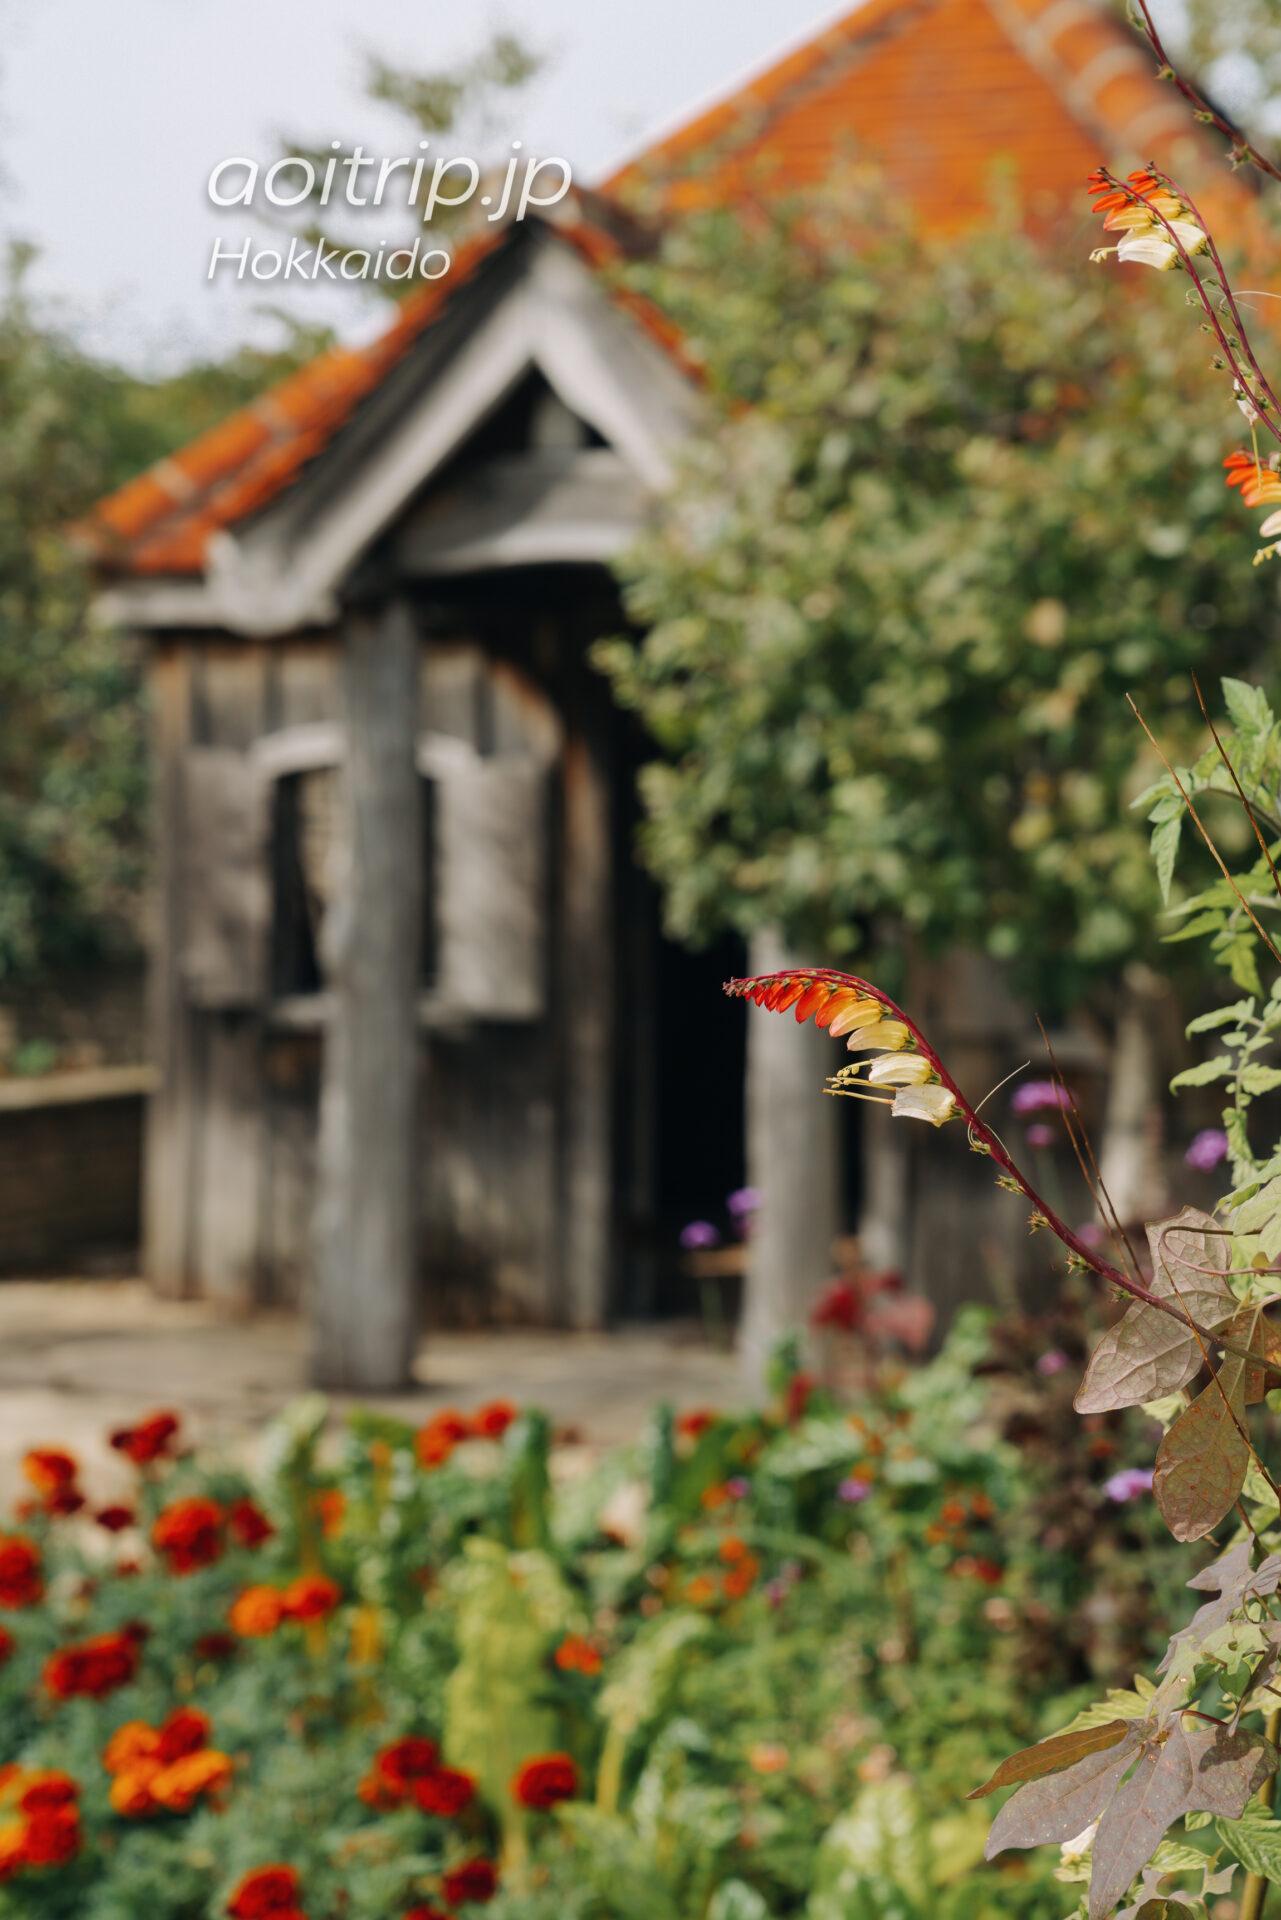 えこりん村 Ecorin Village 銀河庭園のポタジェ